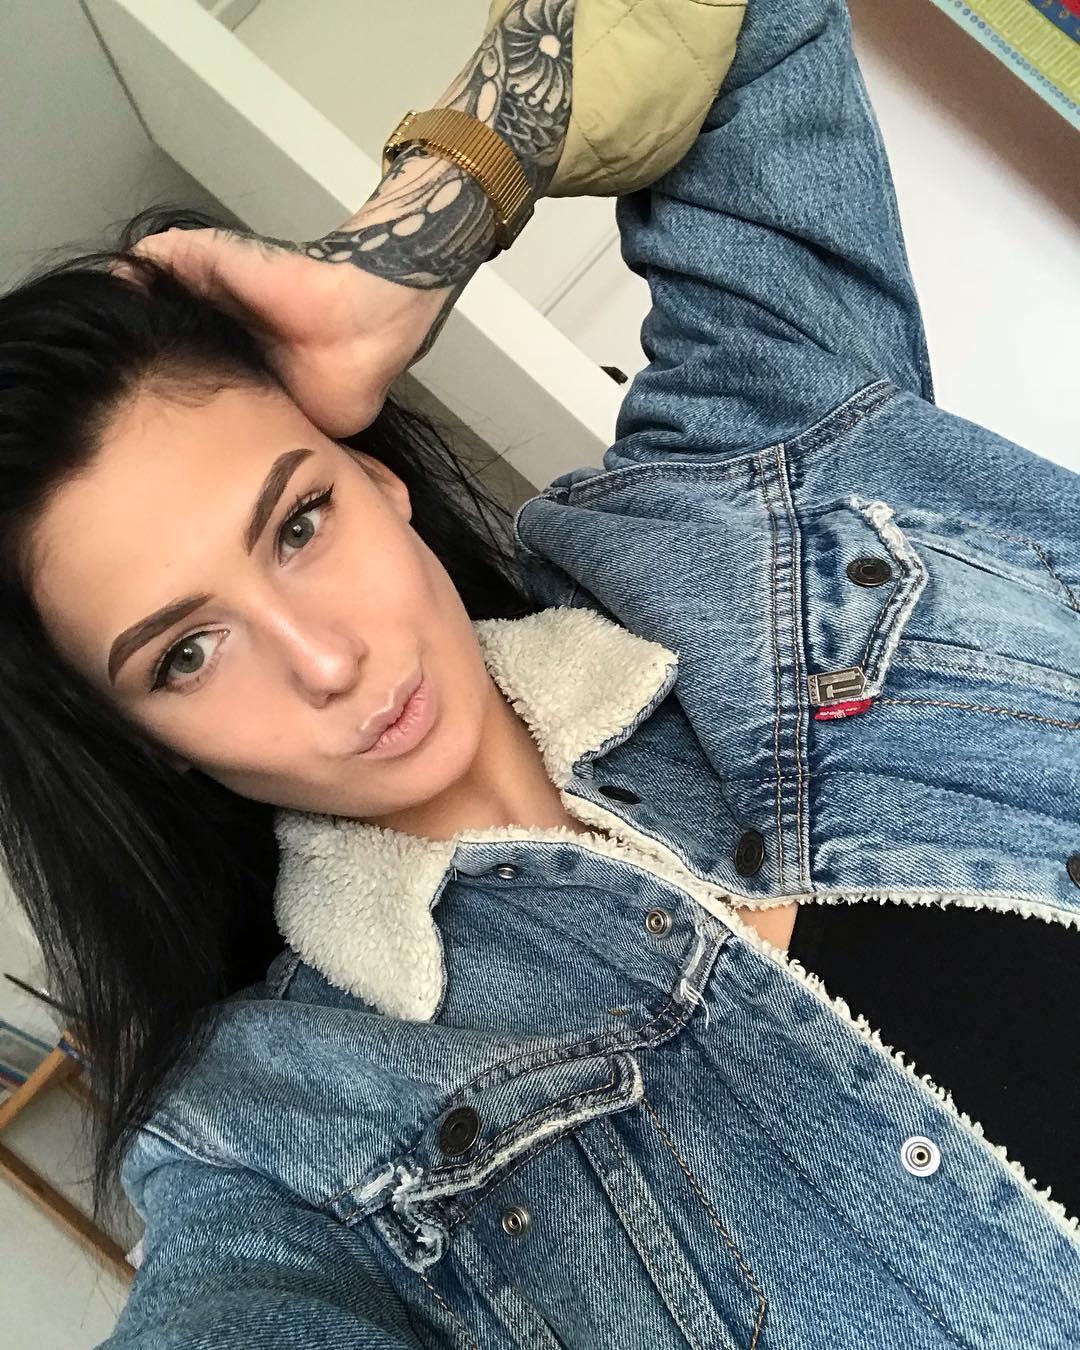 Модель в стиле «ню», tattoo-model Евгения Таланина, ее биография и деятельность.